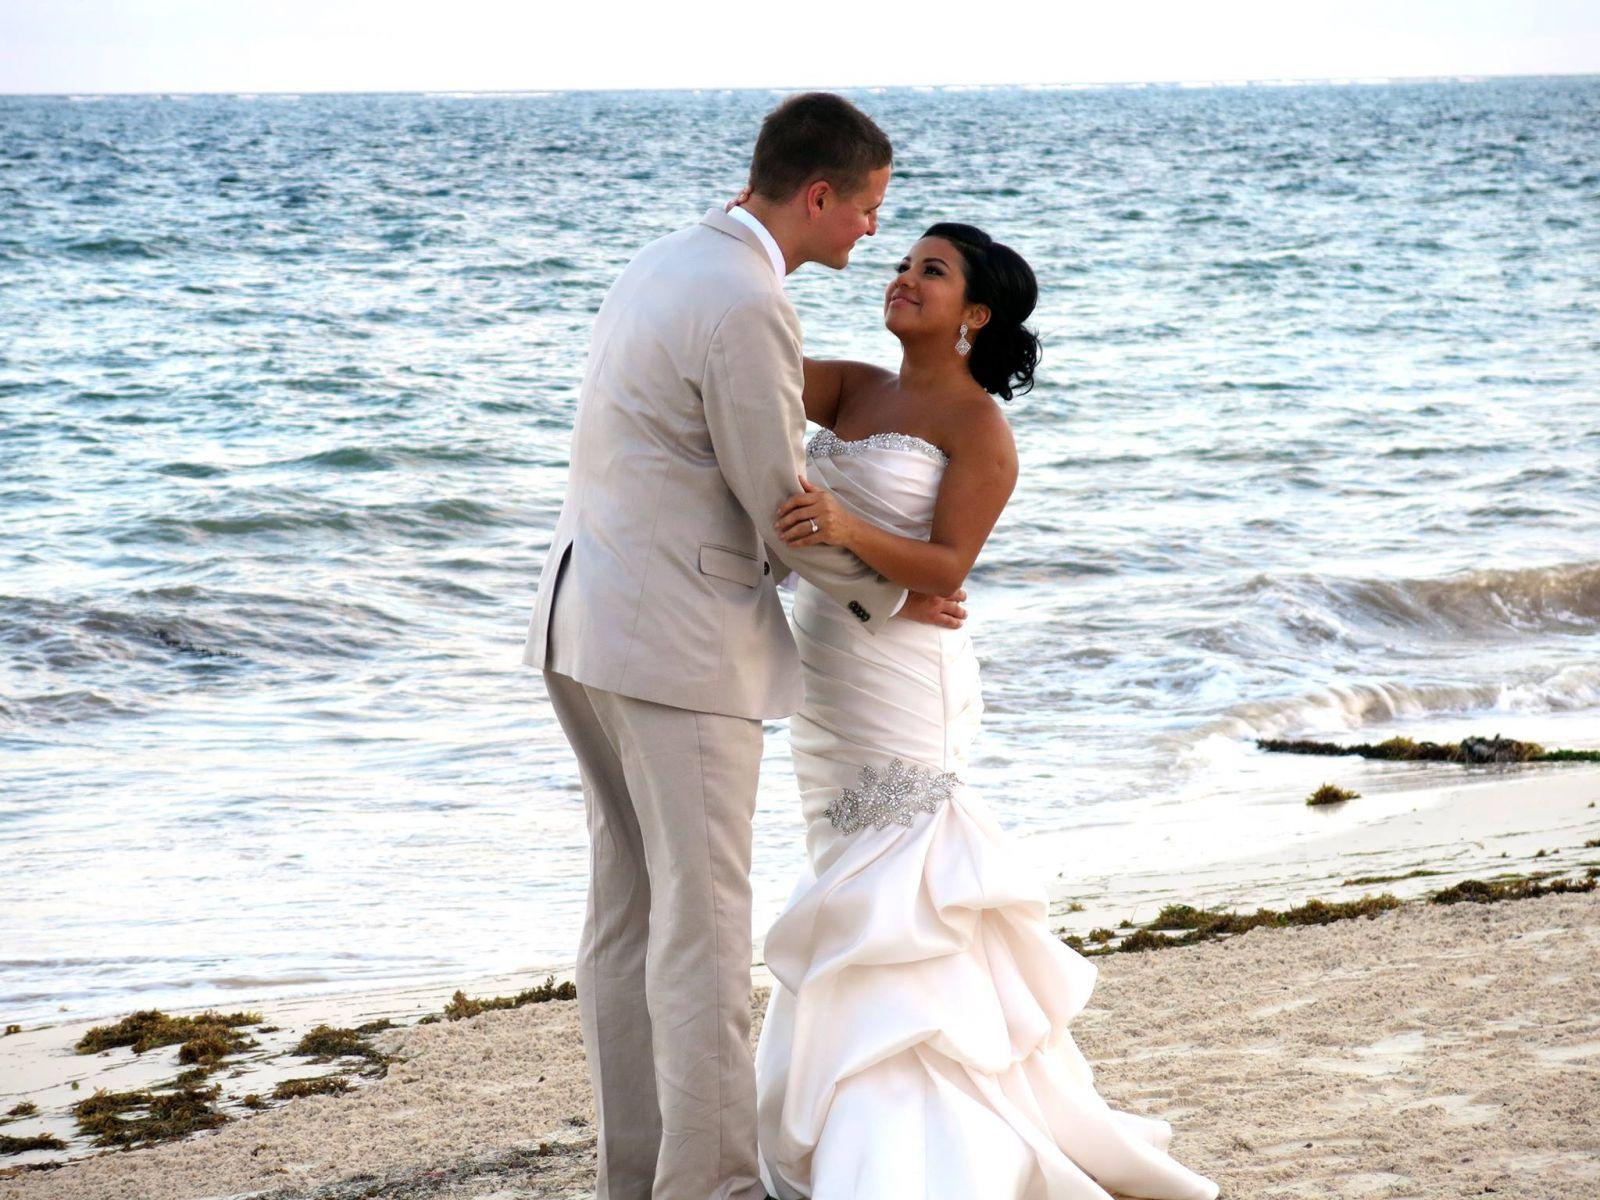 Dreams Riviera Cancun - Brides post here (new thread)